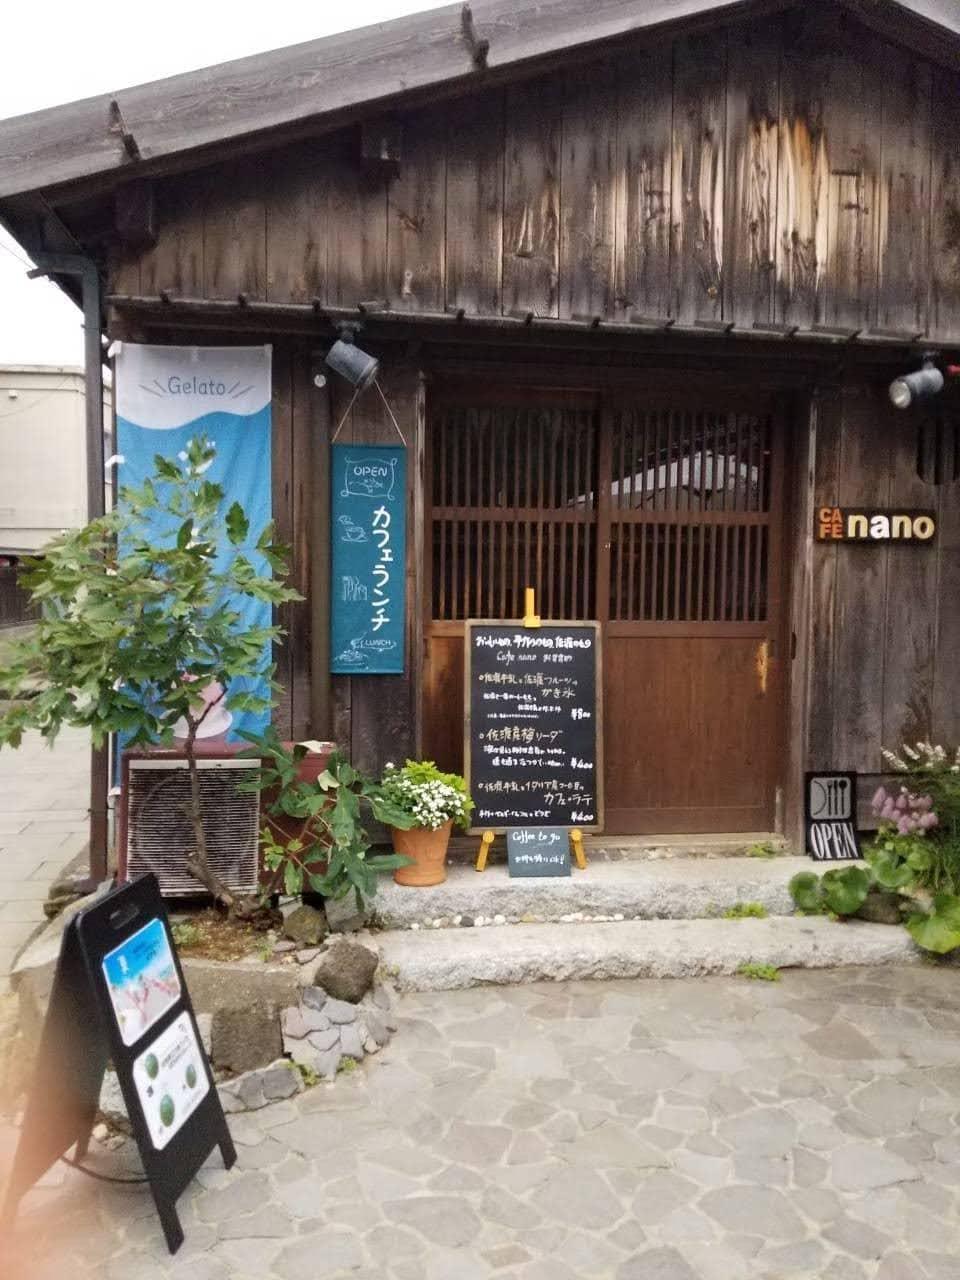 cafenano